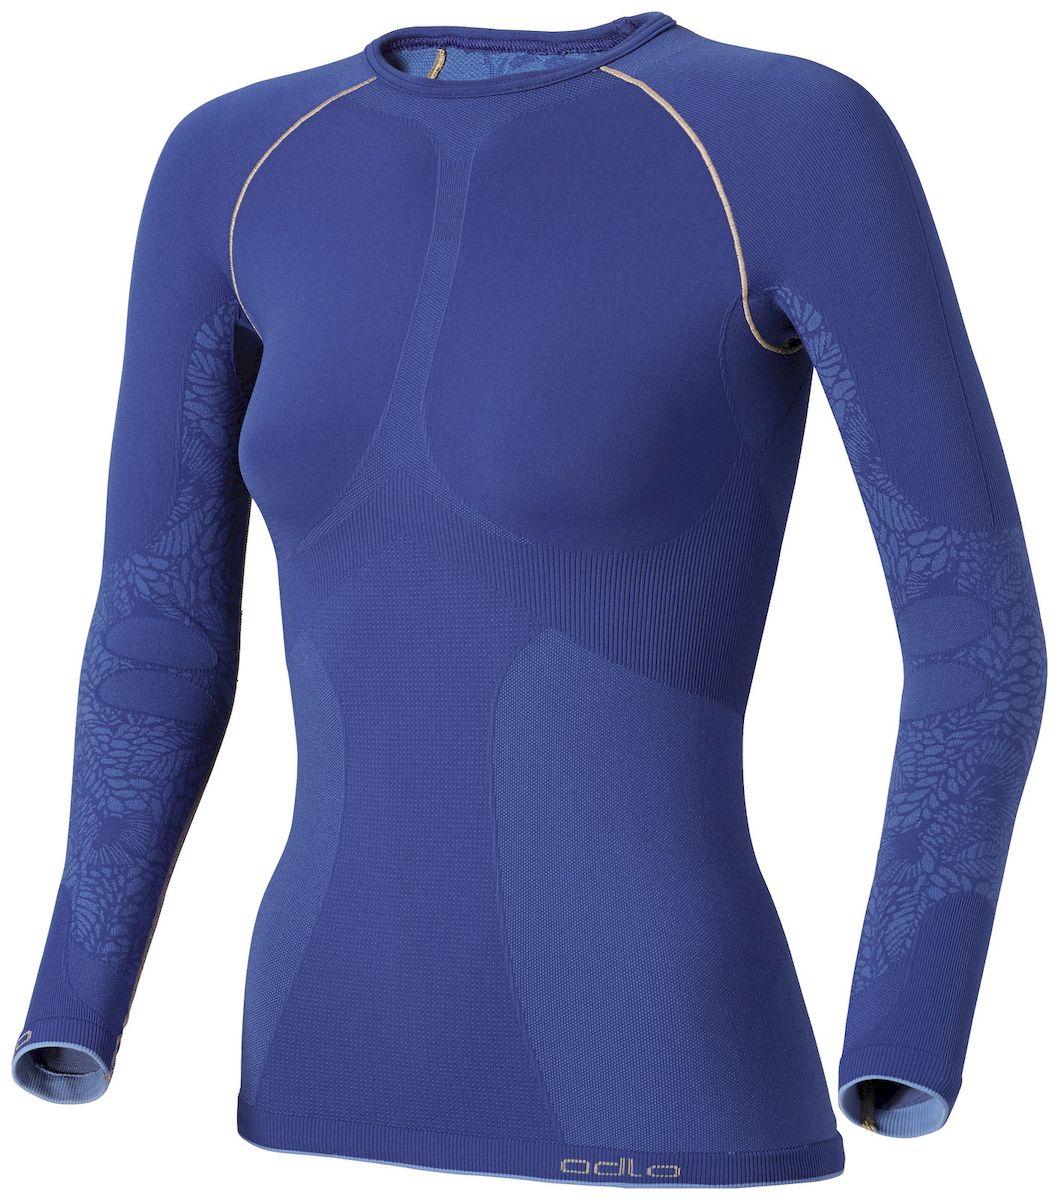 Термобелье футболка180671Женская футболка с длинным рукавом для активного отдыха и занятий спортом на природе в зимнее время года. Изнаночный слой футболки из флиса с начесом для поддержки оптимального температурного баланса. Наличие функциональных вставок обеспечивает воздухопроницаемость, а ионы серебра, входящие в состав волокон, предотвращают появление запаха пота. Благодаря высокой эластичности футболка не сковывает движений и создает ощущение мягкости на теле. Для дополнительного комфорта нижняя кромка футболки плоская.